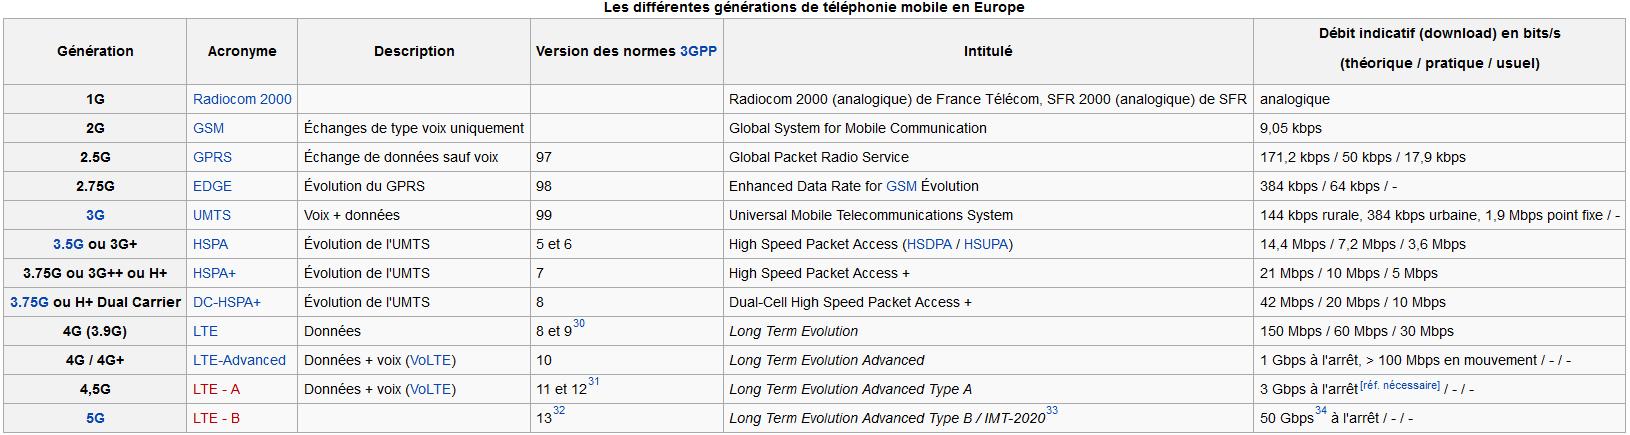 [DOSSIER] Explications sur les fréquences réseau et la compatibilité 4G LTE des téléphones importés 144012351764285